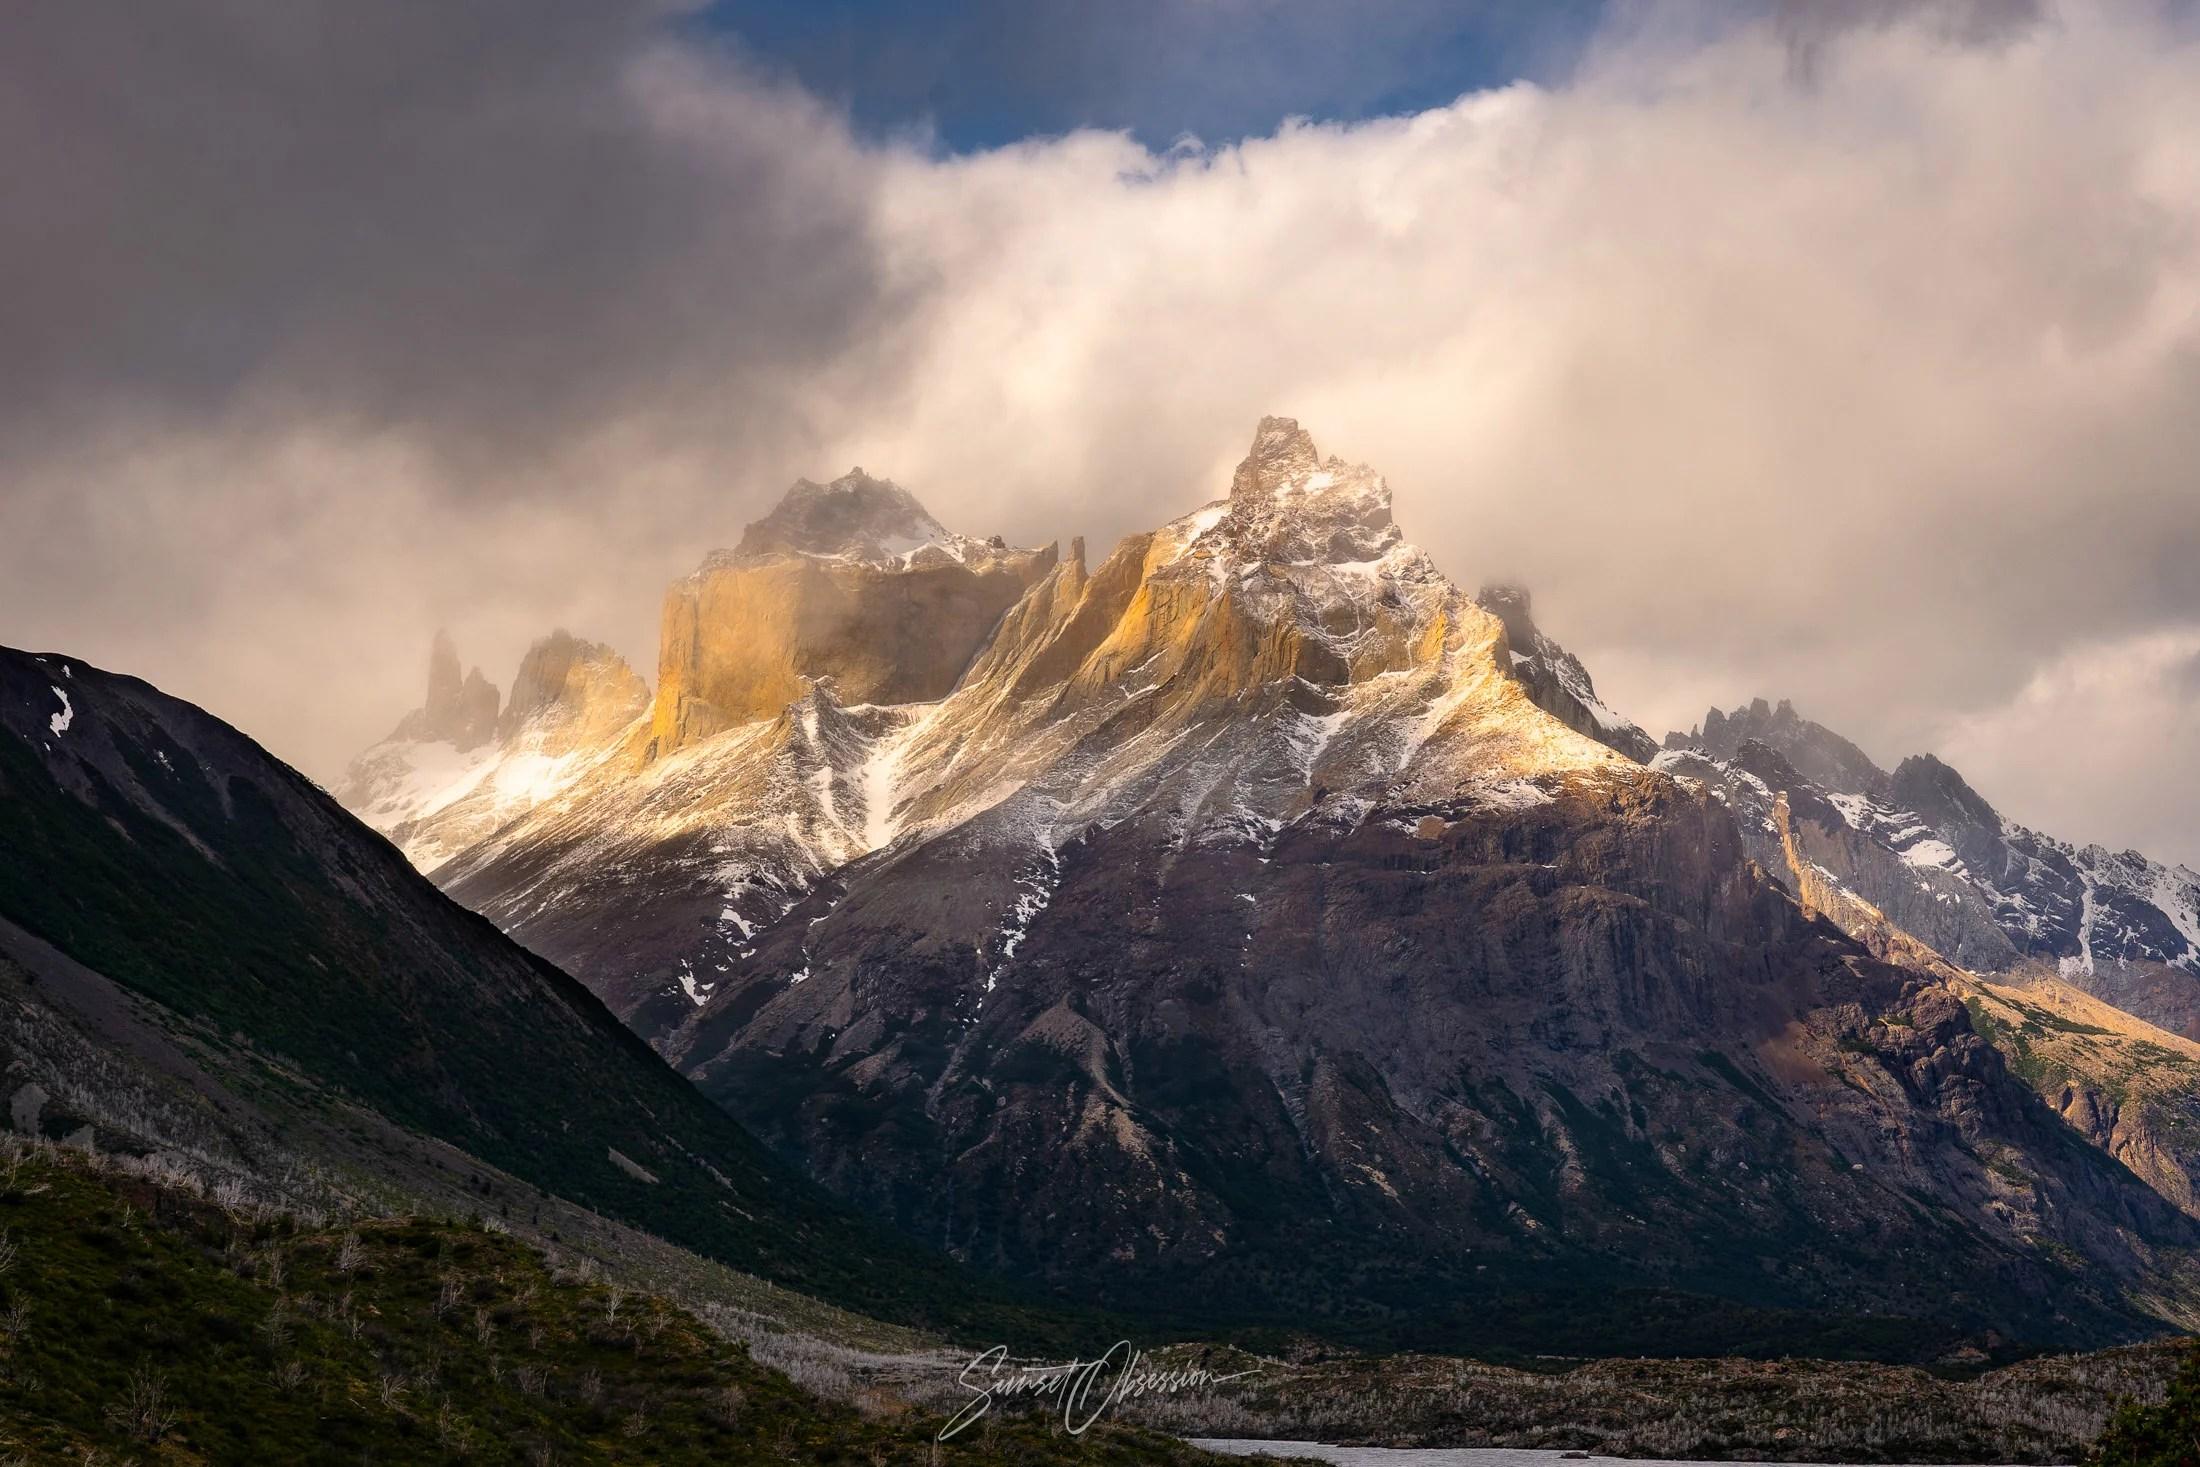 Французская Долина и горный массив Кордильера Пайне в послеобеденном свете